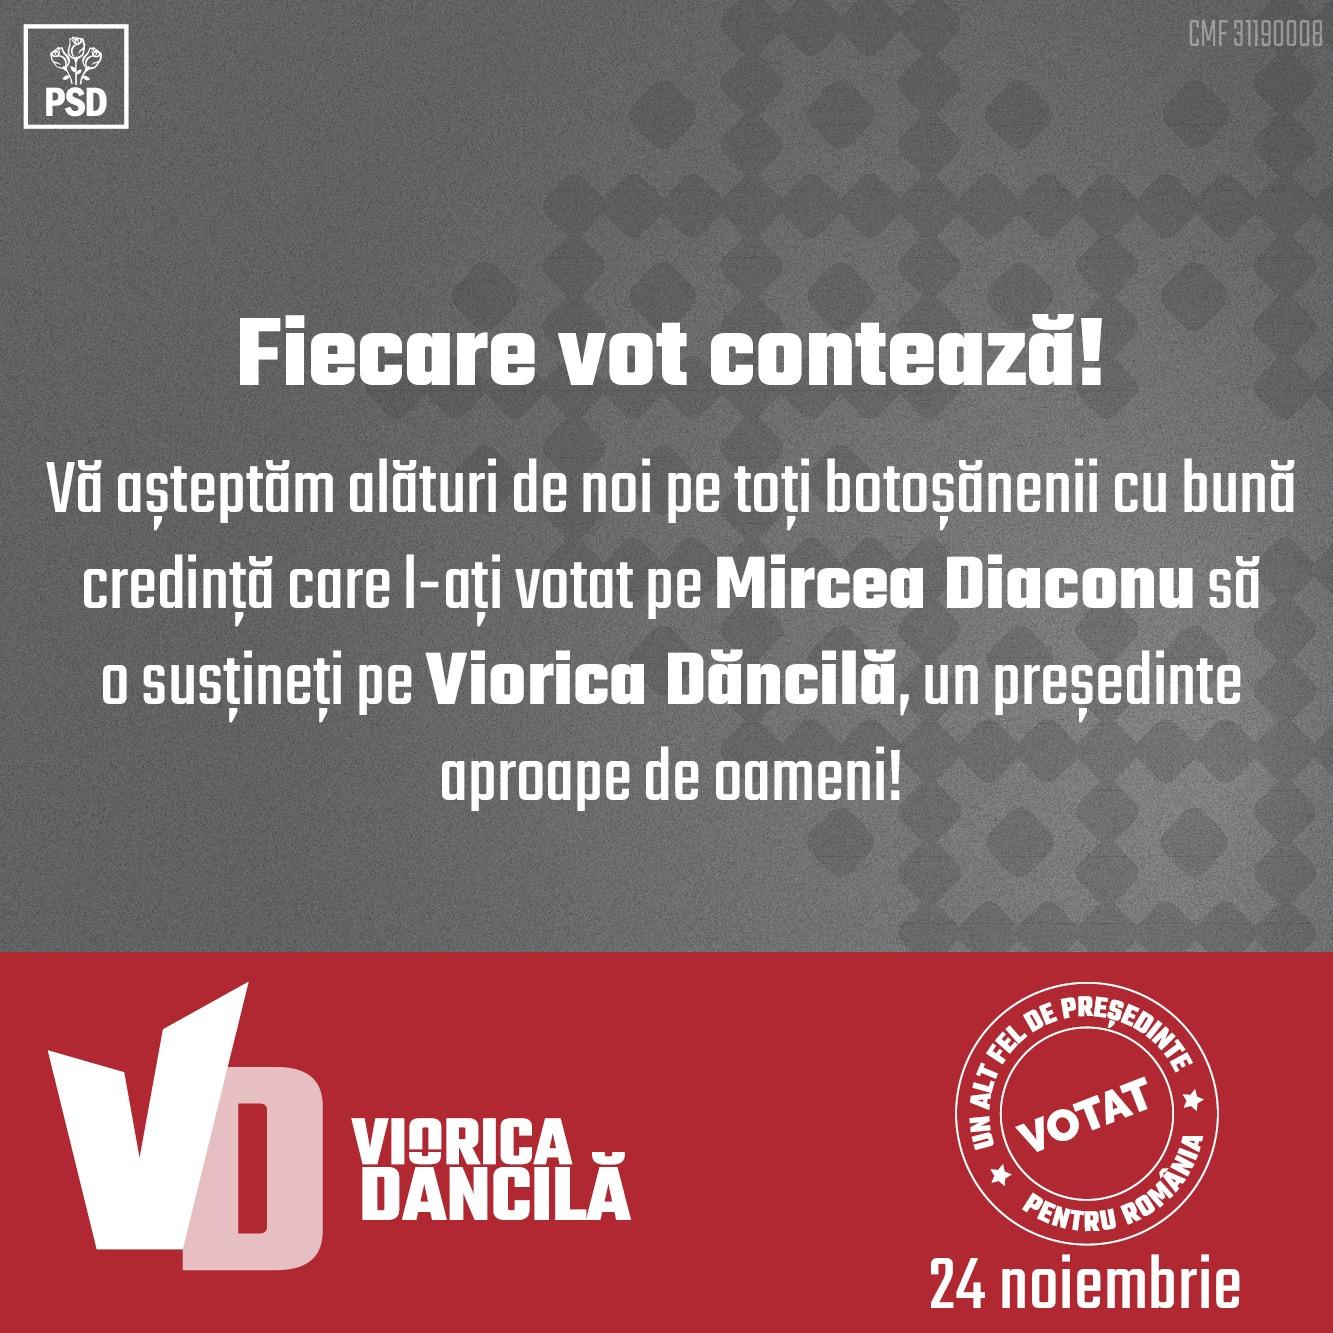 PSD Botoșani: Fiecare vot contează! Vă așteptăm alături de noi pe toți botoșănenii cu bună credință care l-ați votat pe Mircea Diaconu să o susțineți pe Viorica Dăncilă, un președinte aproape de oameni! 19